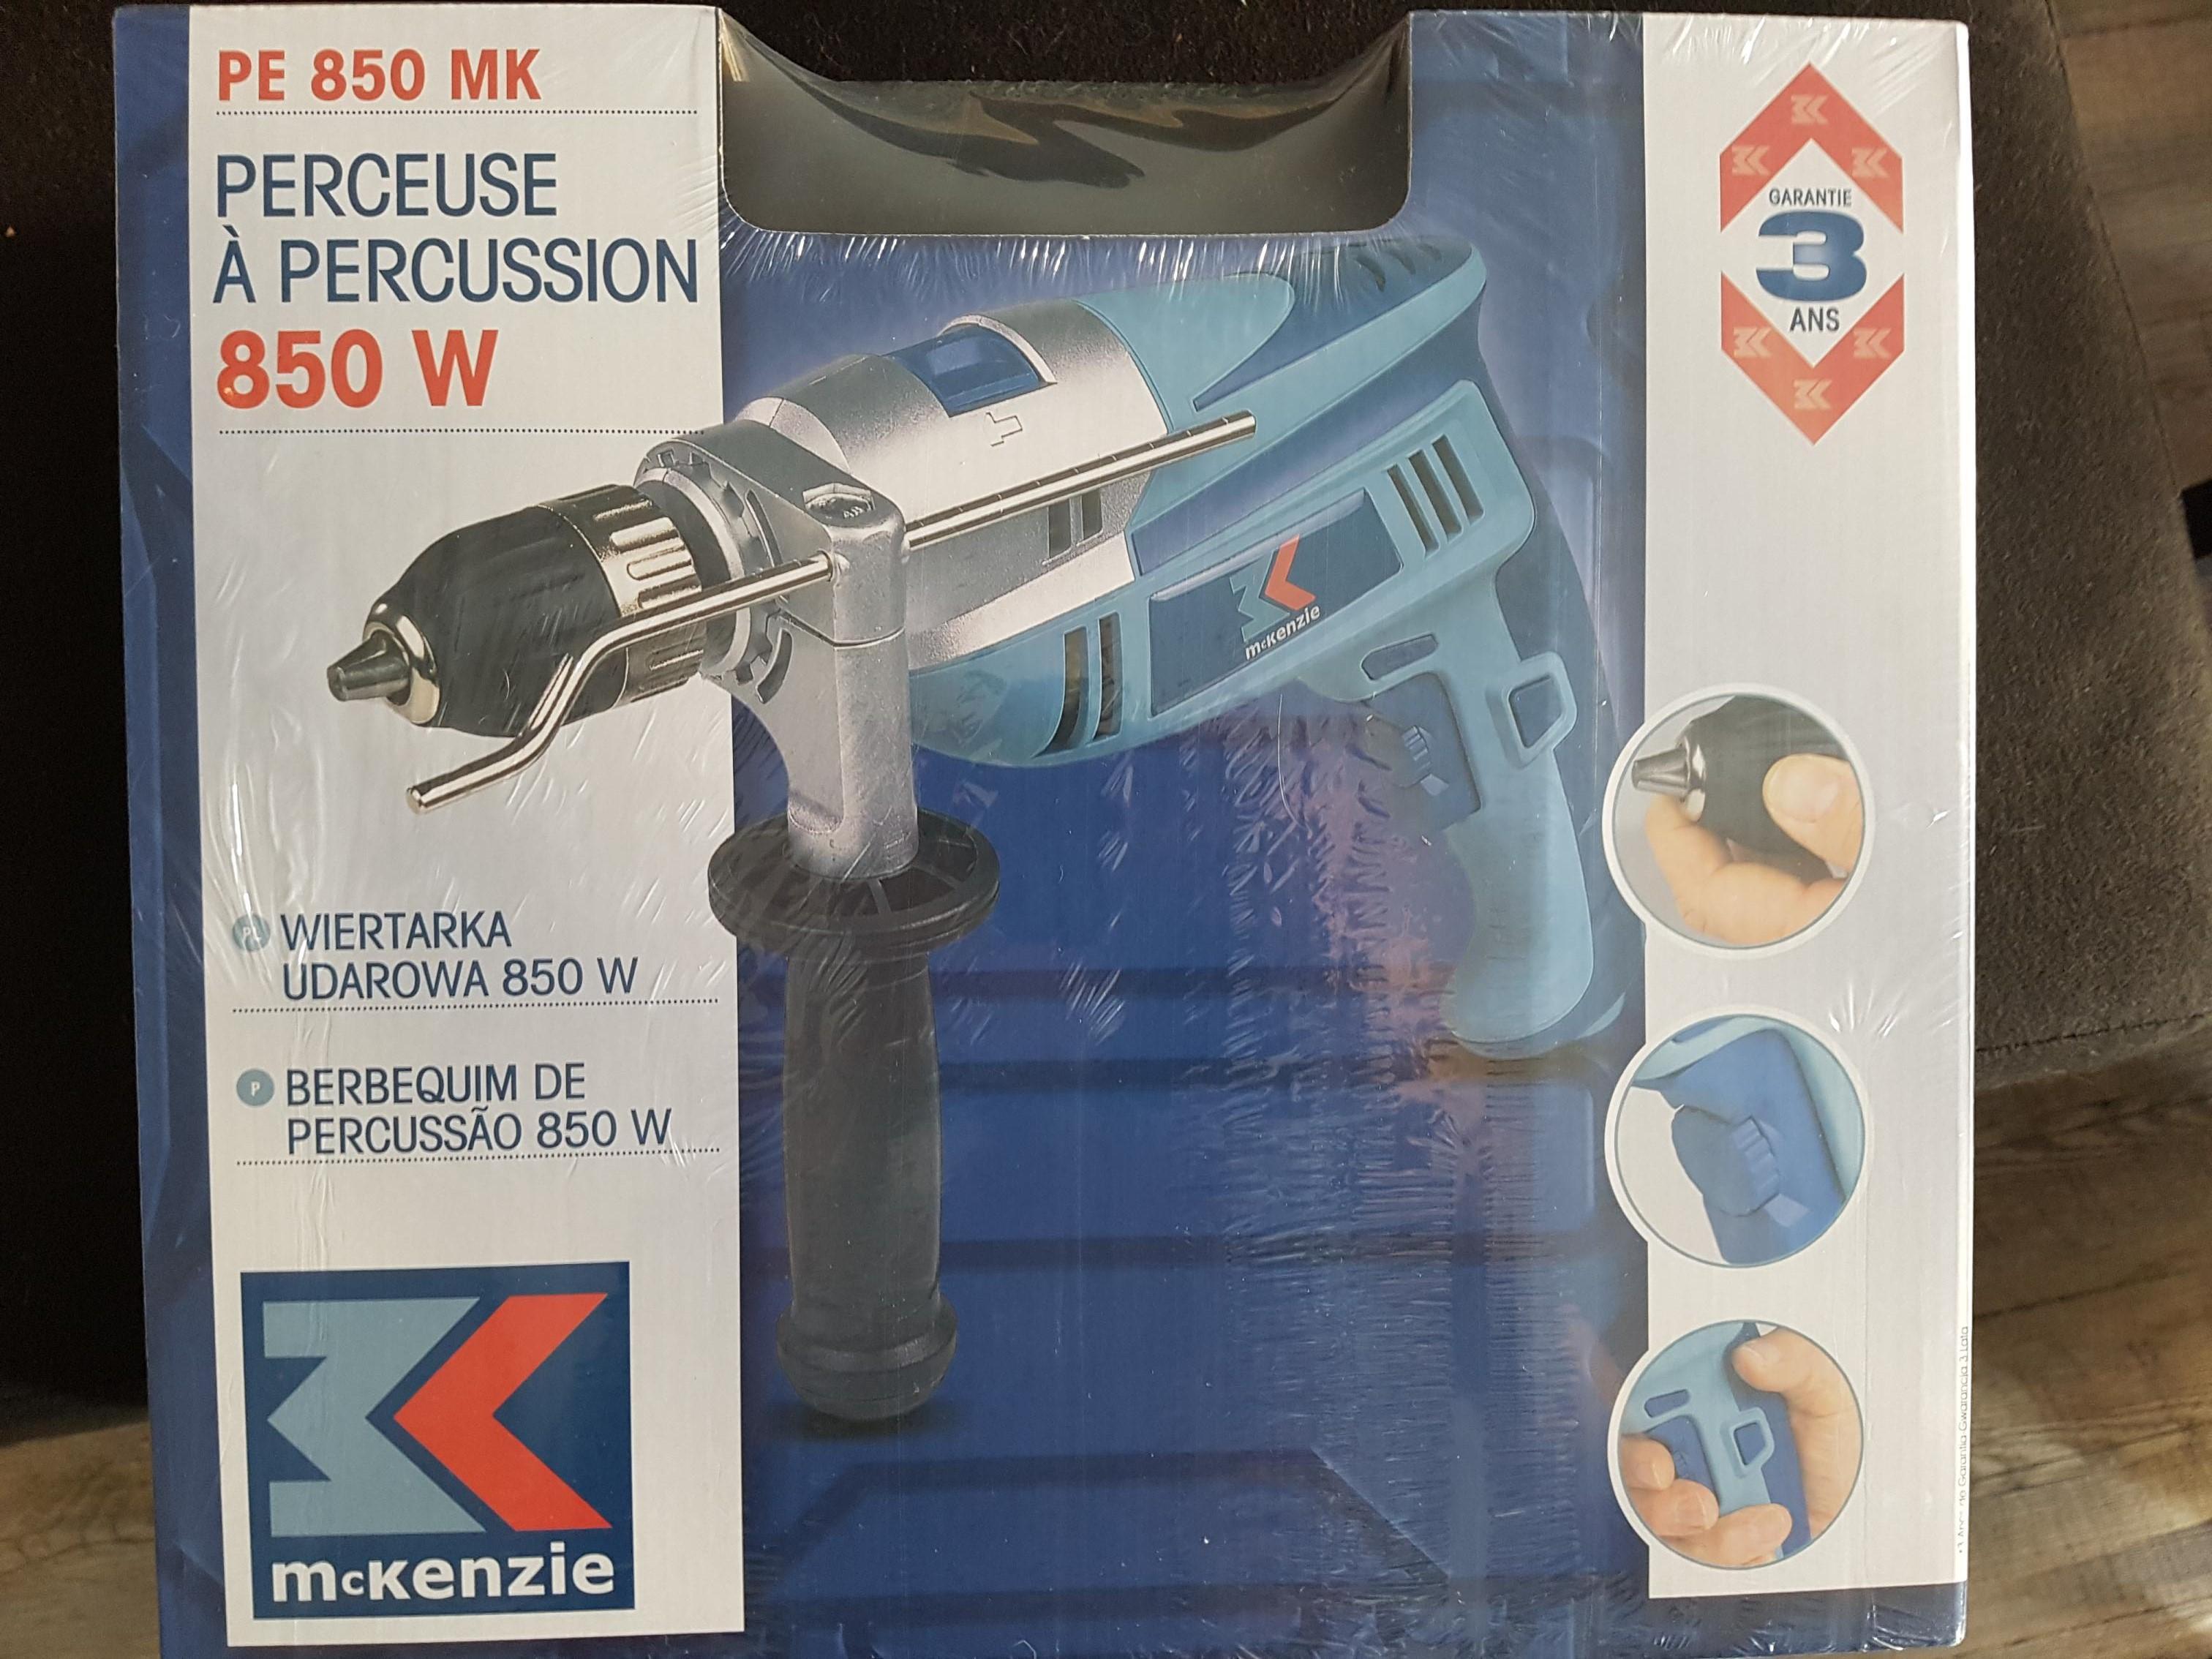 Perceuse visseuse à percussion McKenzie PE-850-MK - 850 W